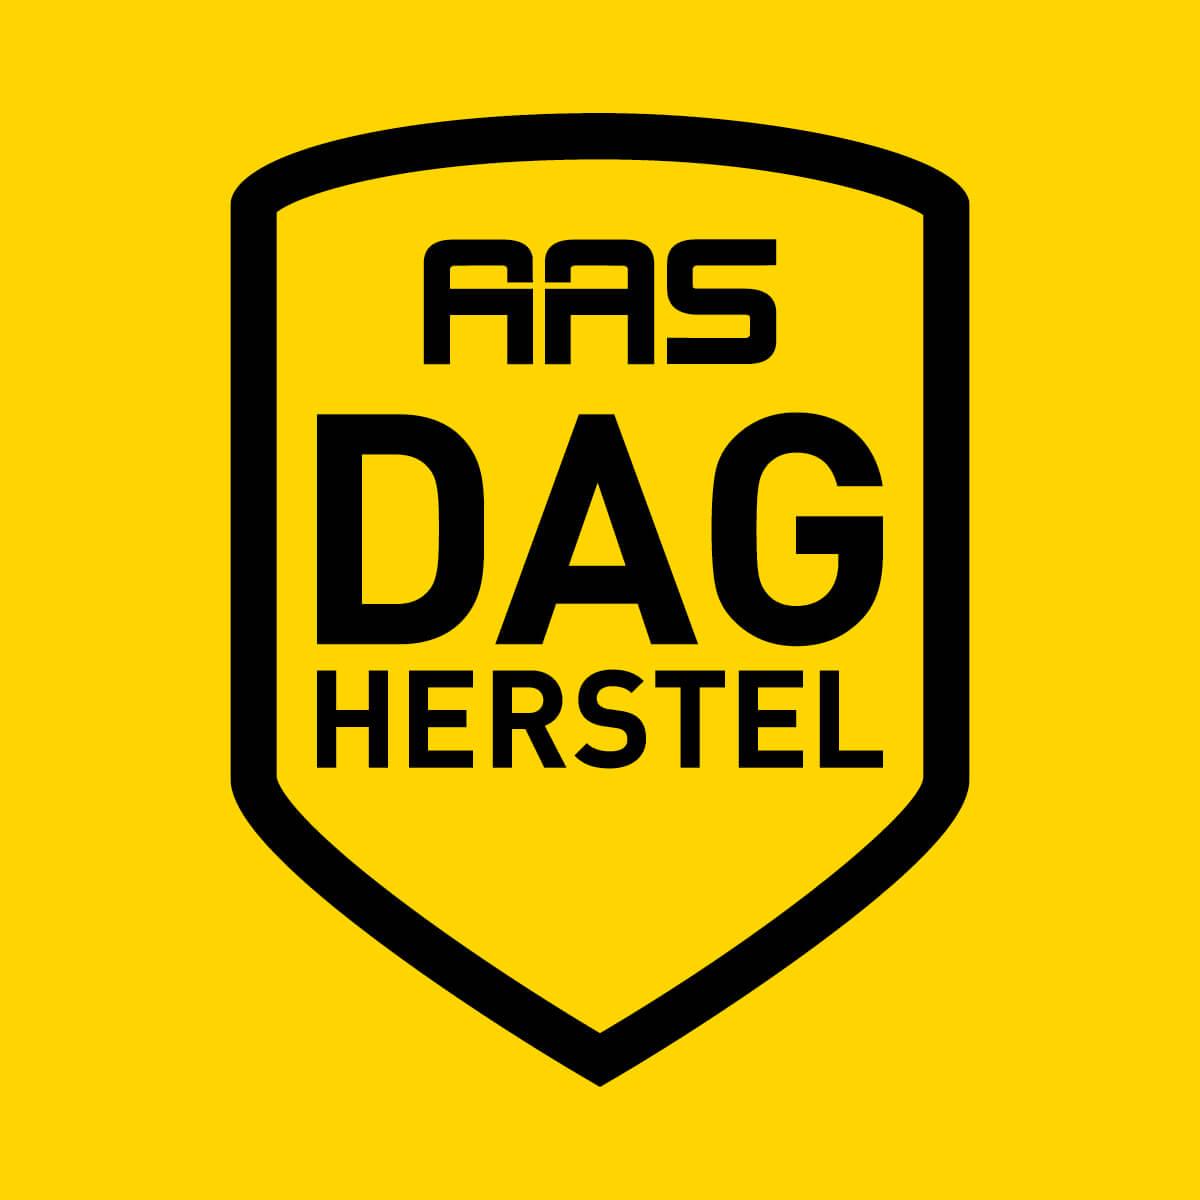 AAS dagherstel